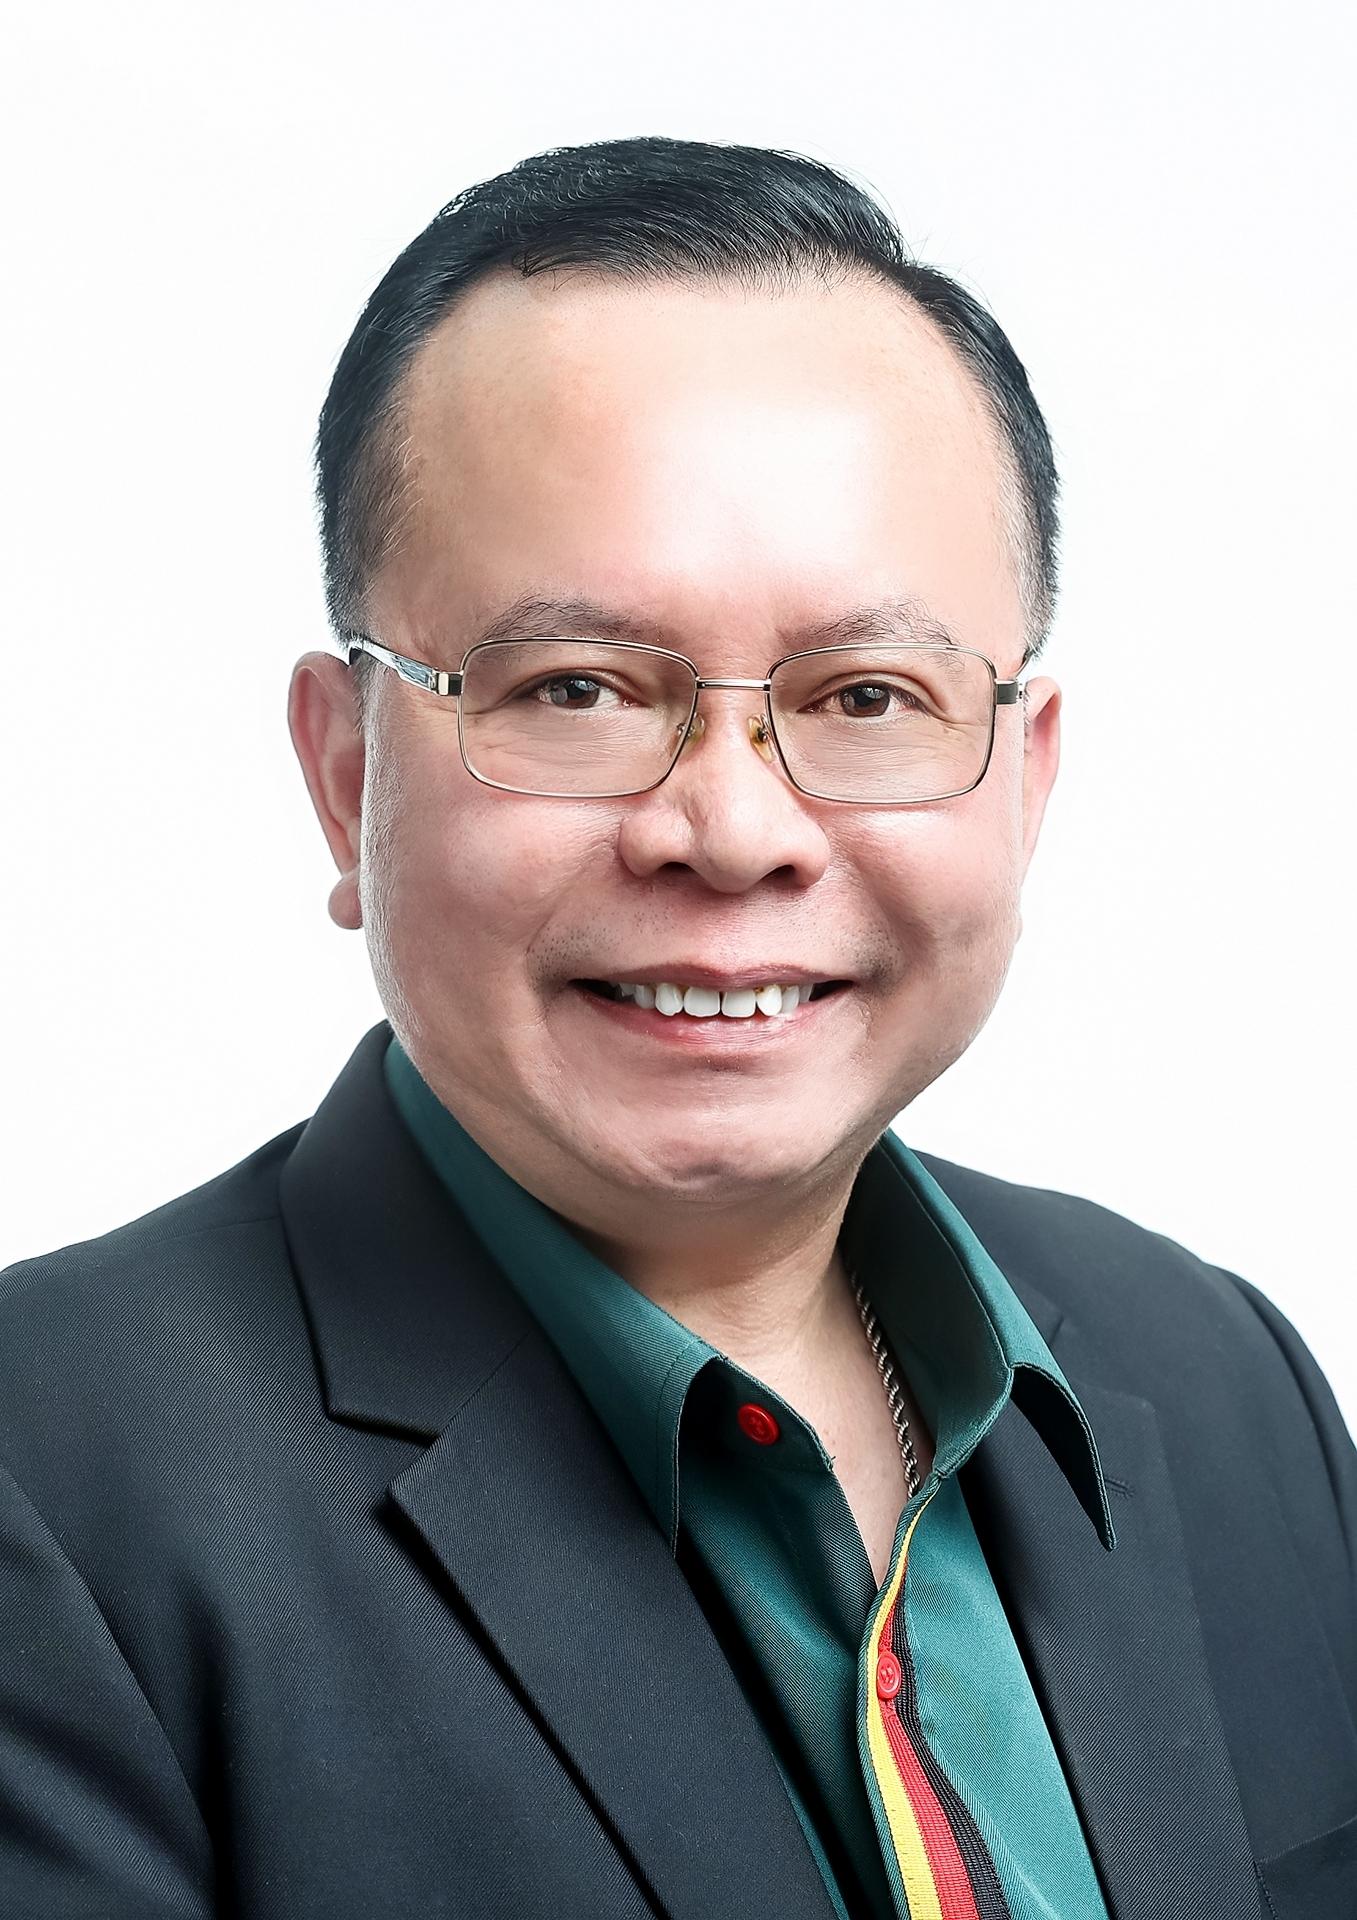 Dr. William Rovina Nating